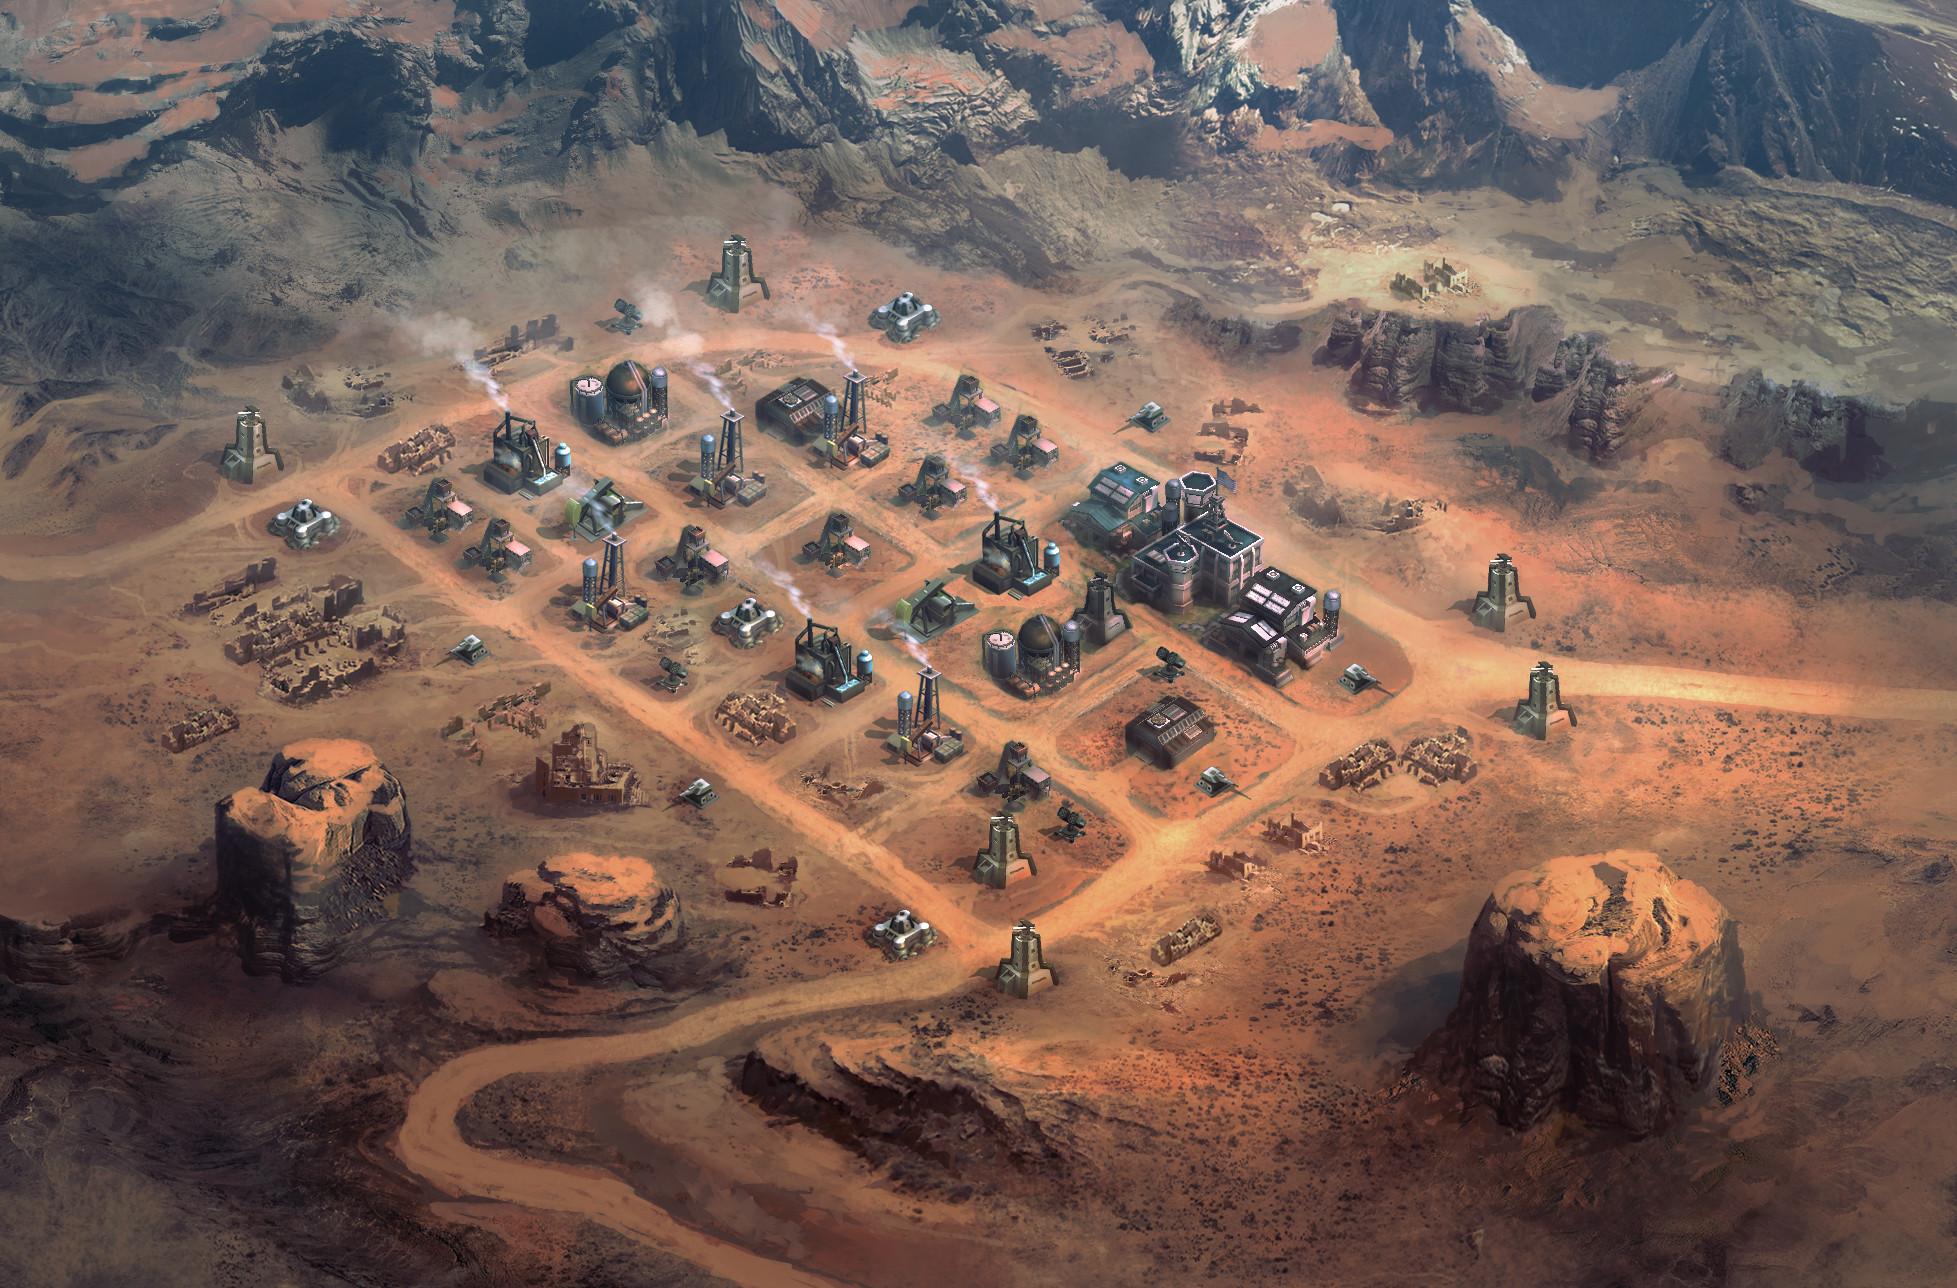 Desert ruin map